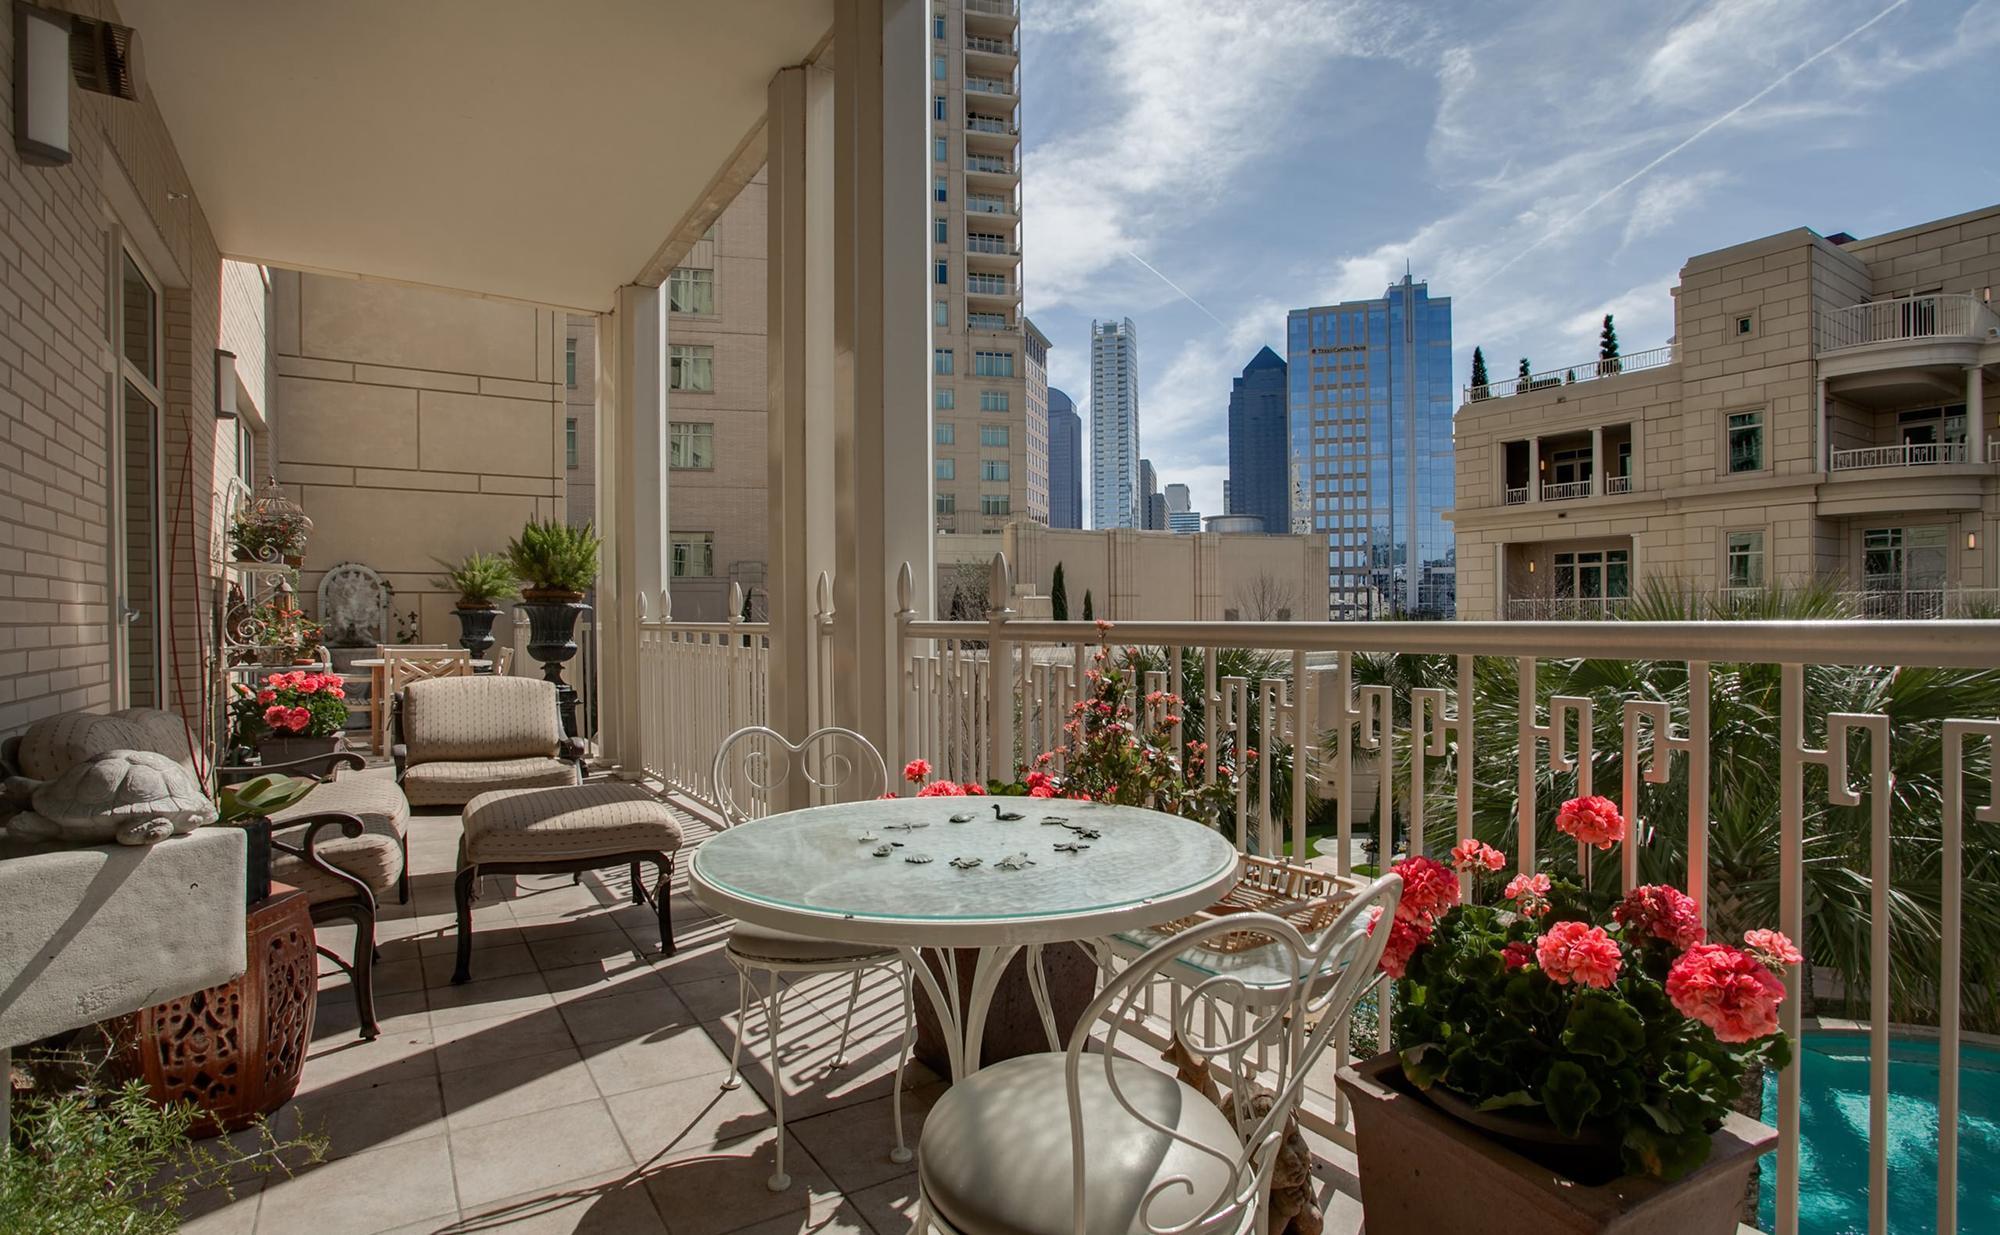 Балкон в городской квартире может стать островком спокойствия